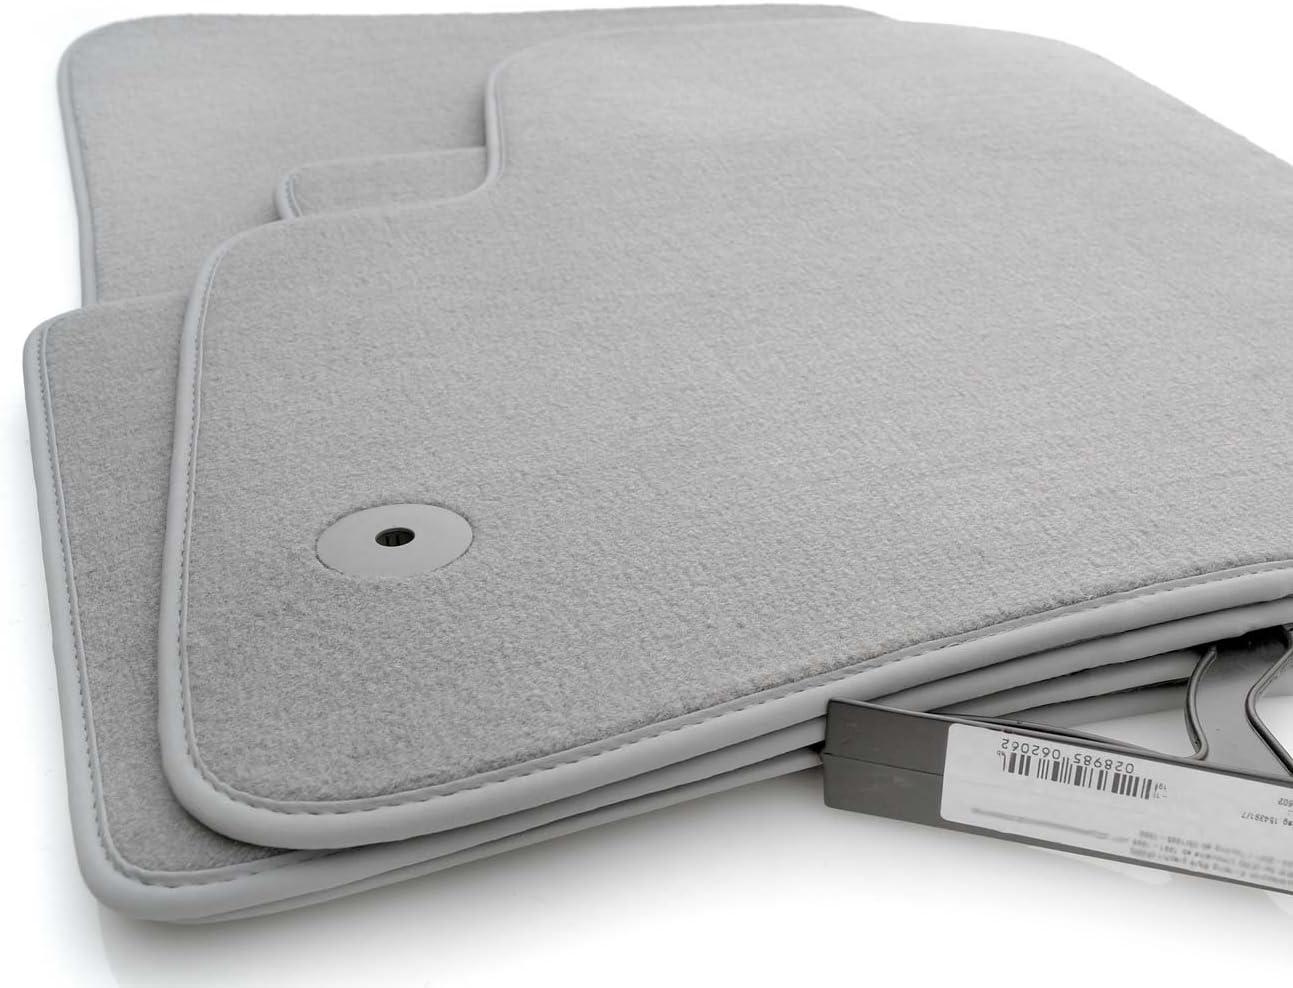 Tapis de sol pour porsche cayenne i original qualit/é tapis velours 4 pi/èces gris